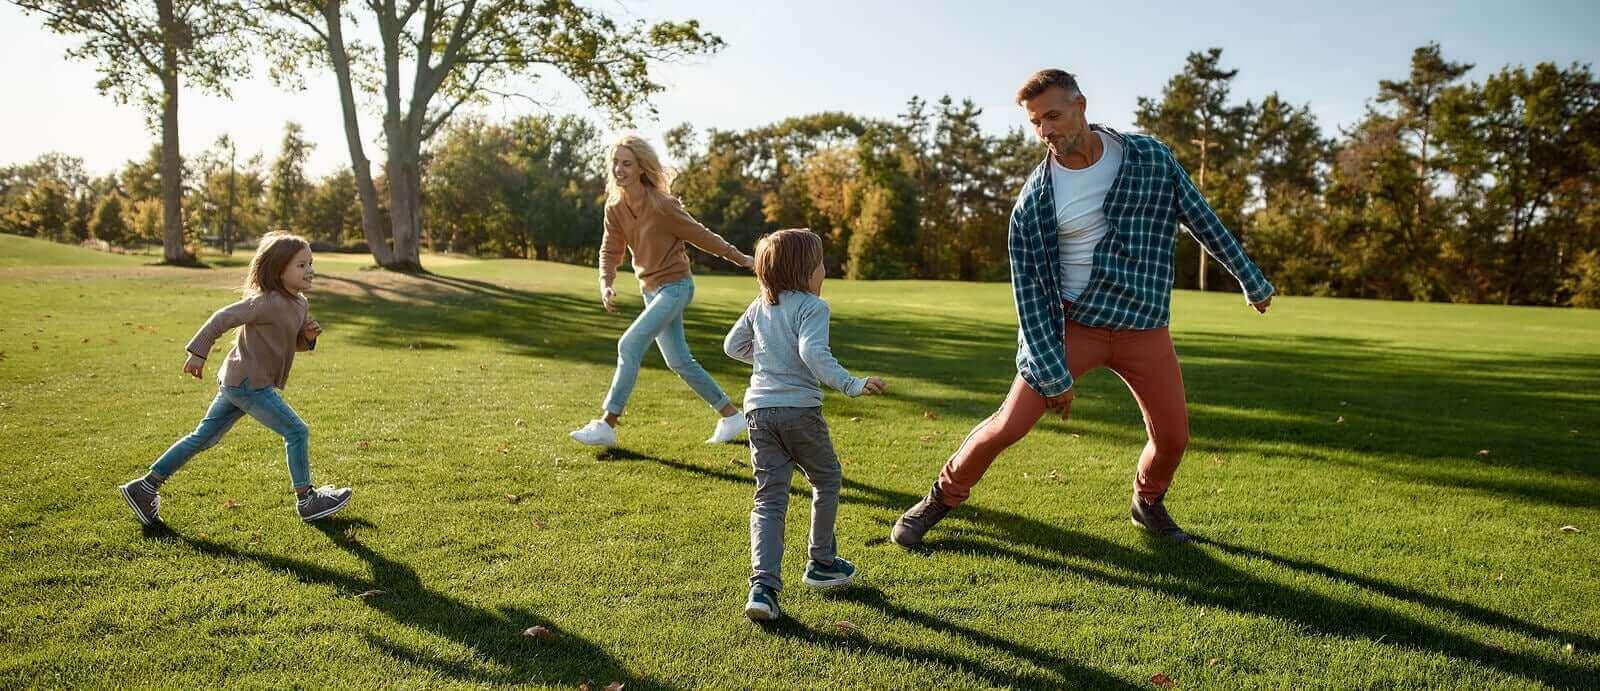 Vapaan leikin merkitys pienen lapsen kehityksessä on suuri